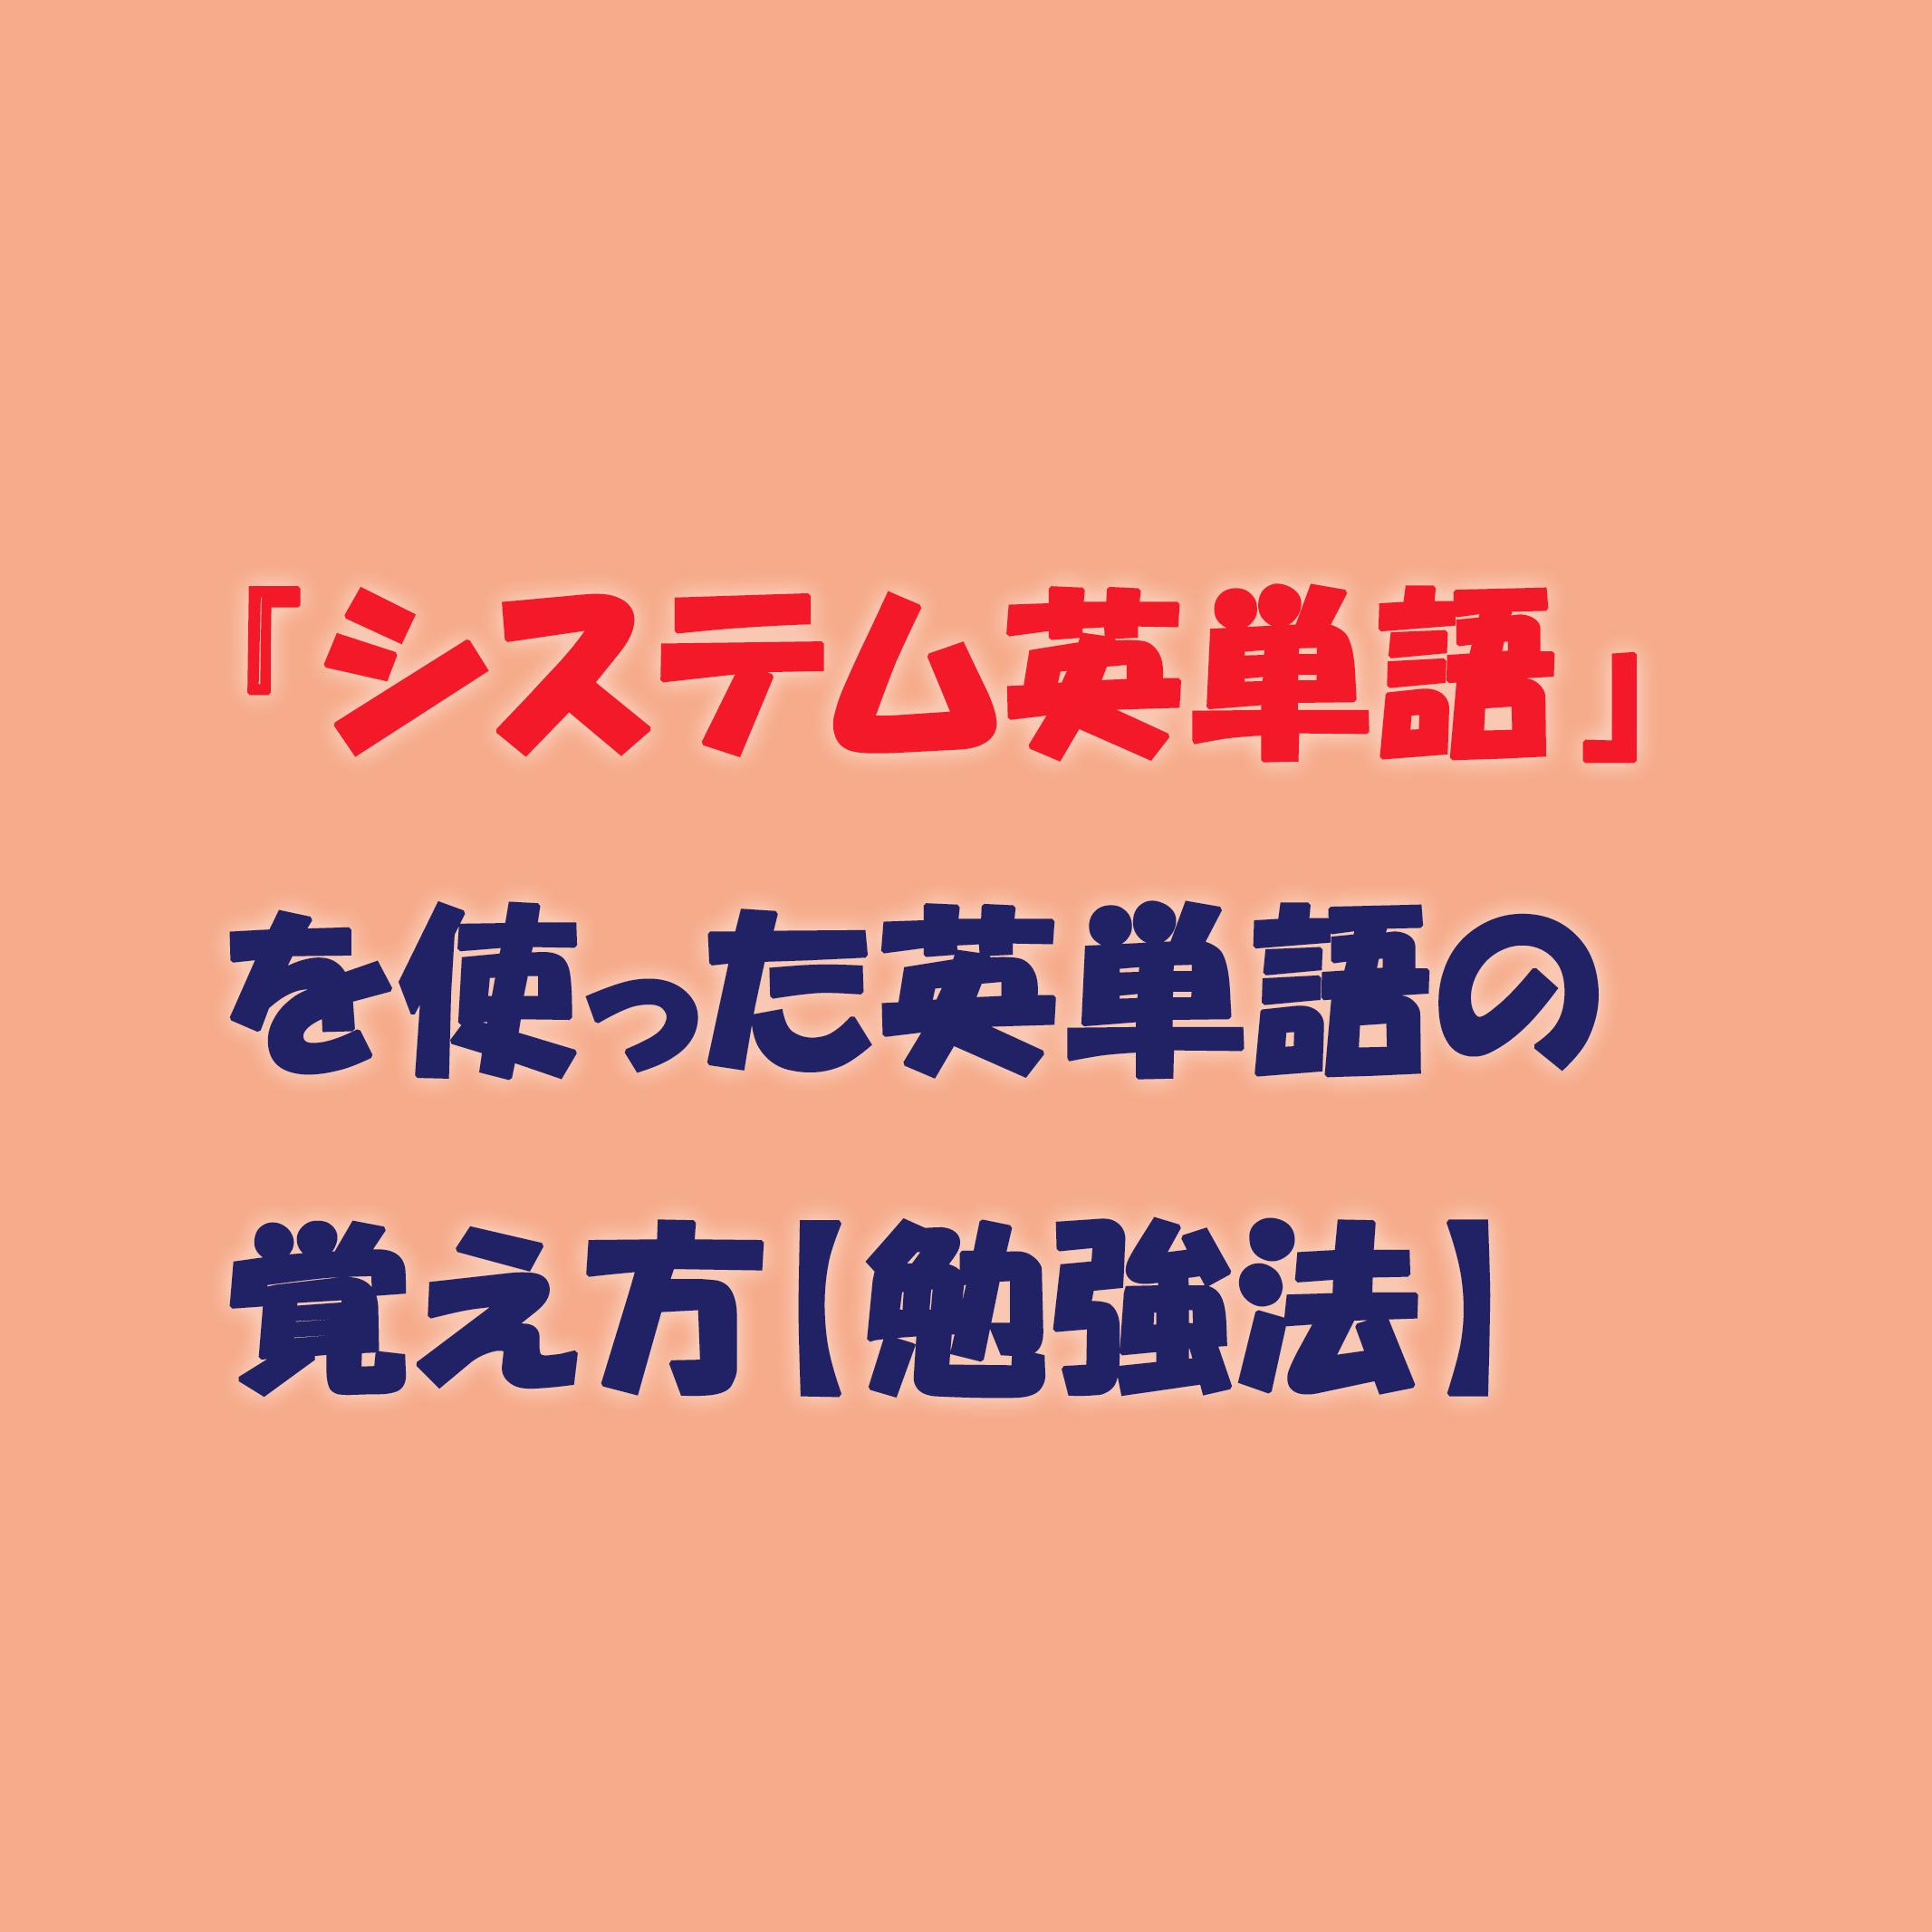 覚え 英 方 単語